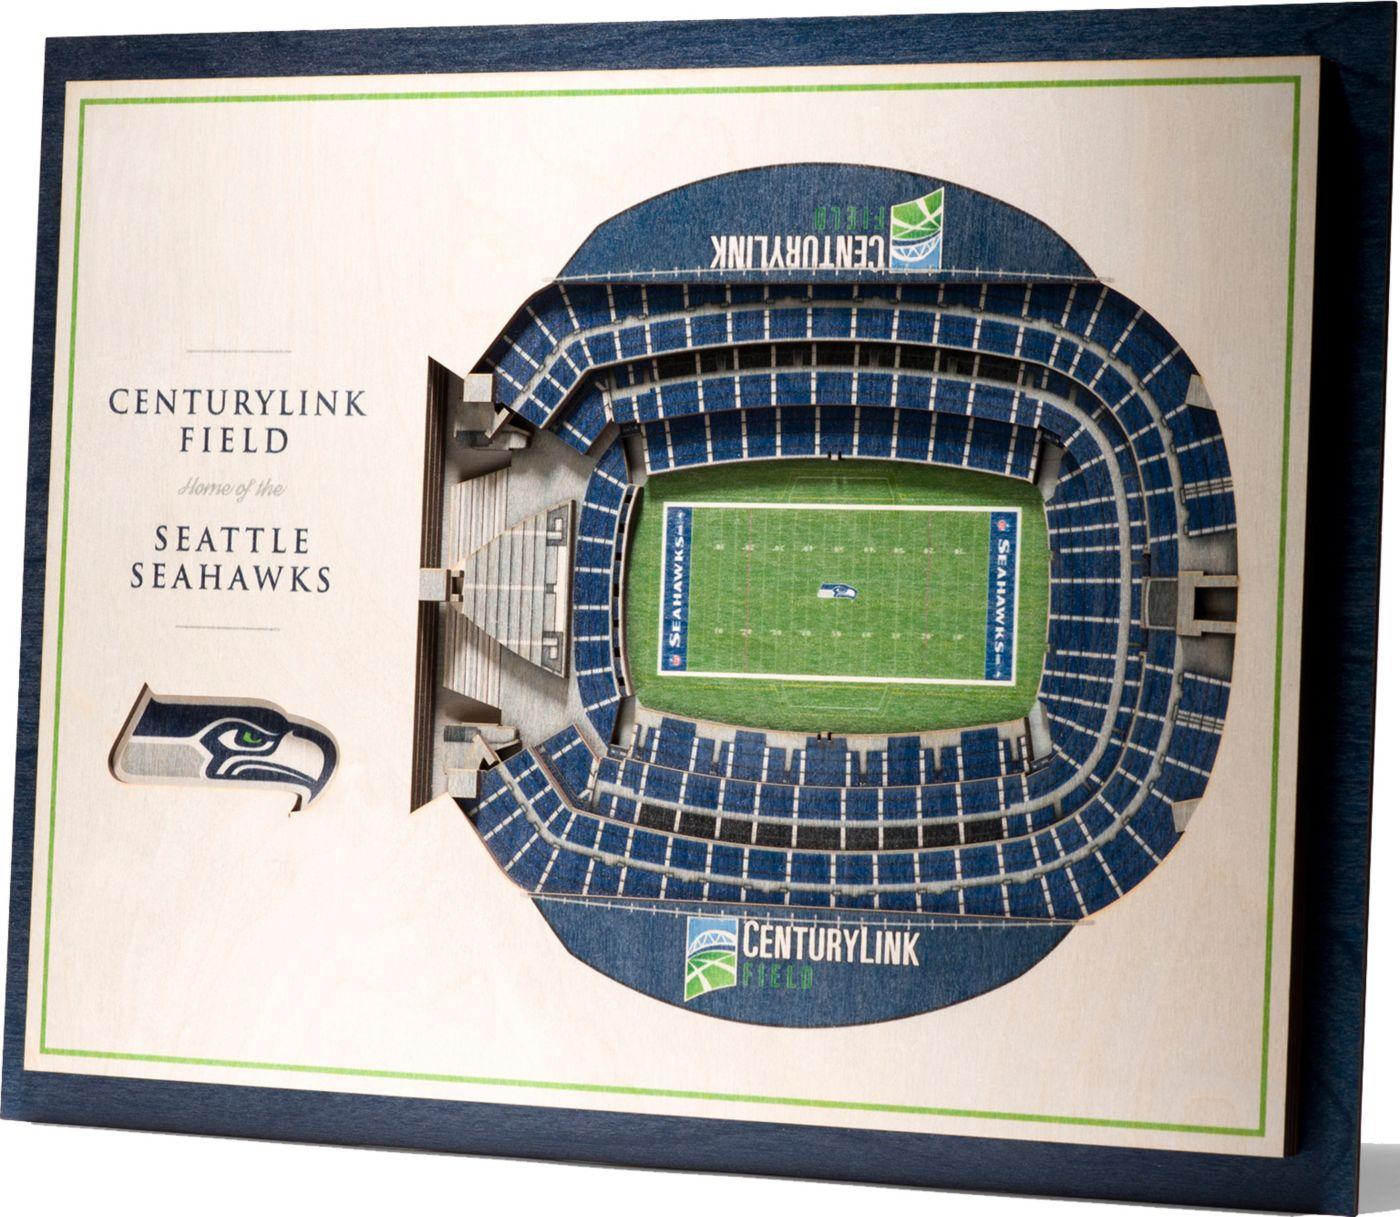 You the Fan Seattle Seahawks 5-Layer StadiumViews 3D Wall Art